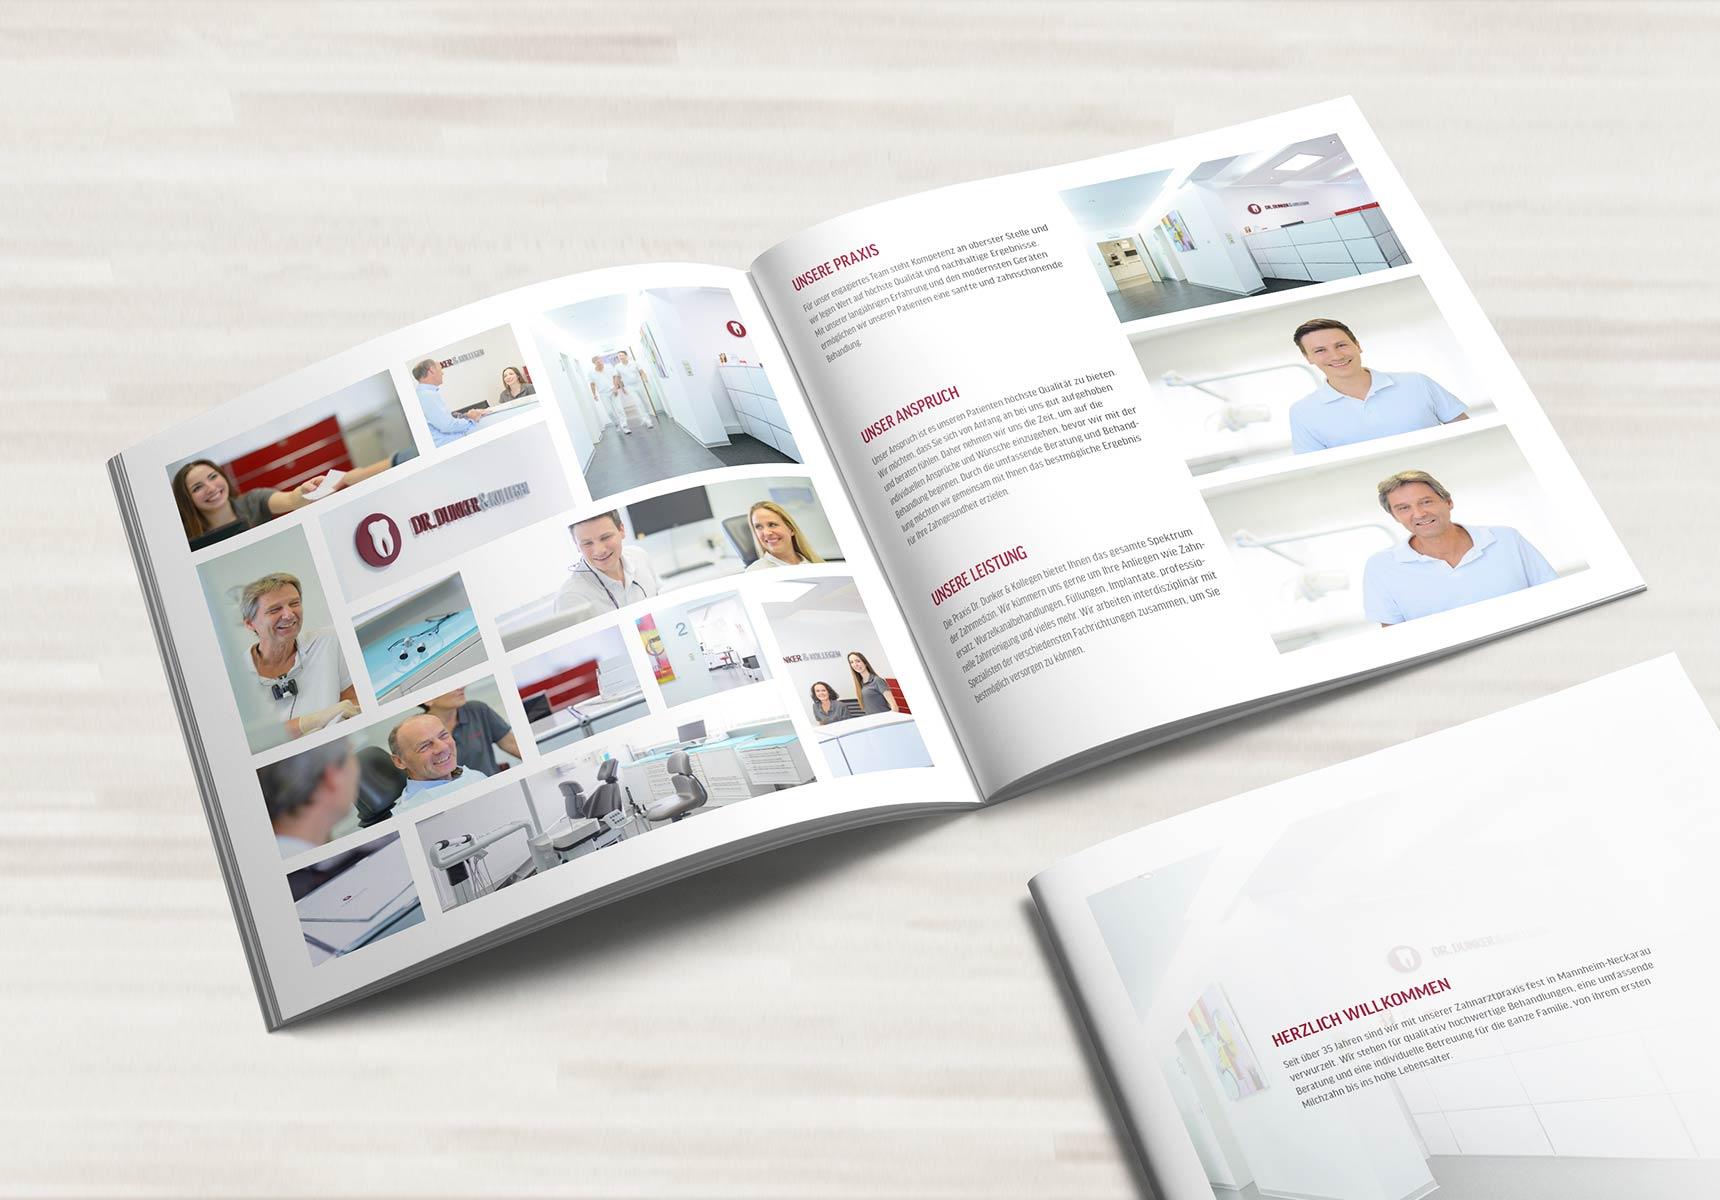 lr praxismarketing dunker und kollegen zahnarzt broschure - Langenstein & Reichenthaler - Agentur für Praxismarketing